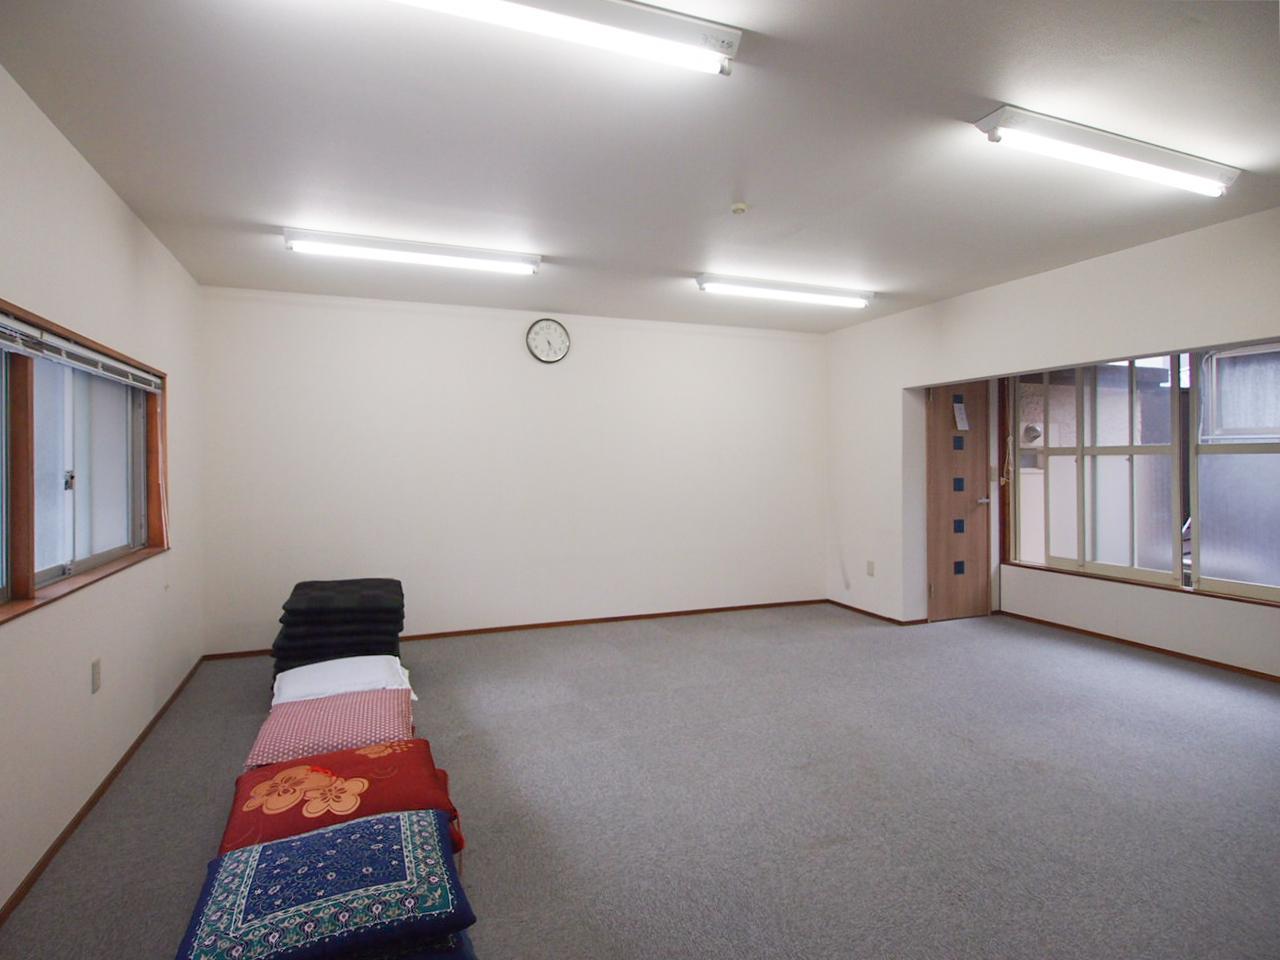 2階の一部は事務所仕様に改装されています